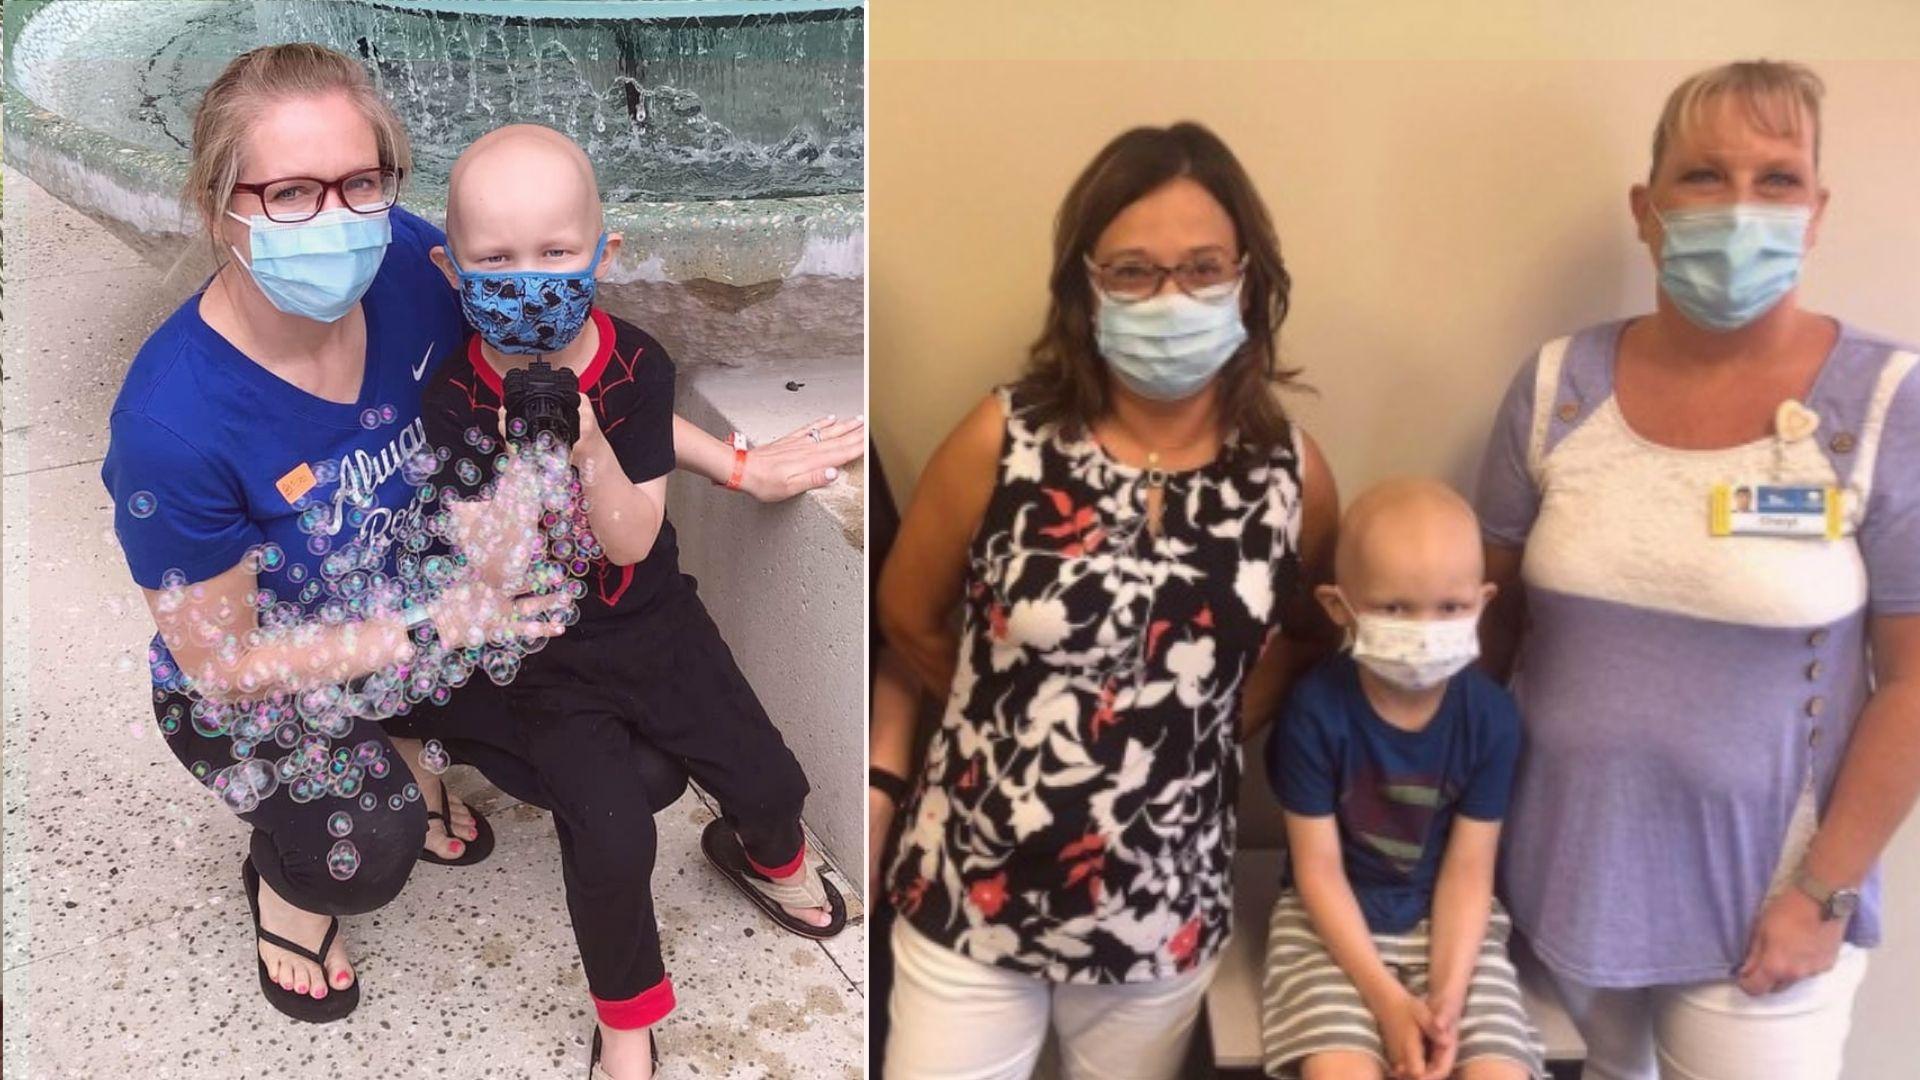 Liz e o pequeno Meyer conheceram Johnna Schindlbeck em um encontro emocionante, no dia 13 de julho. Fotos: Facebook/Prayers for Meyer